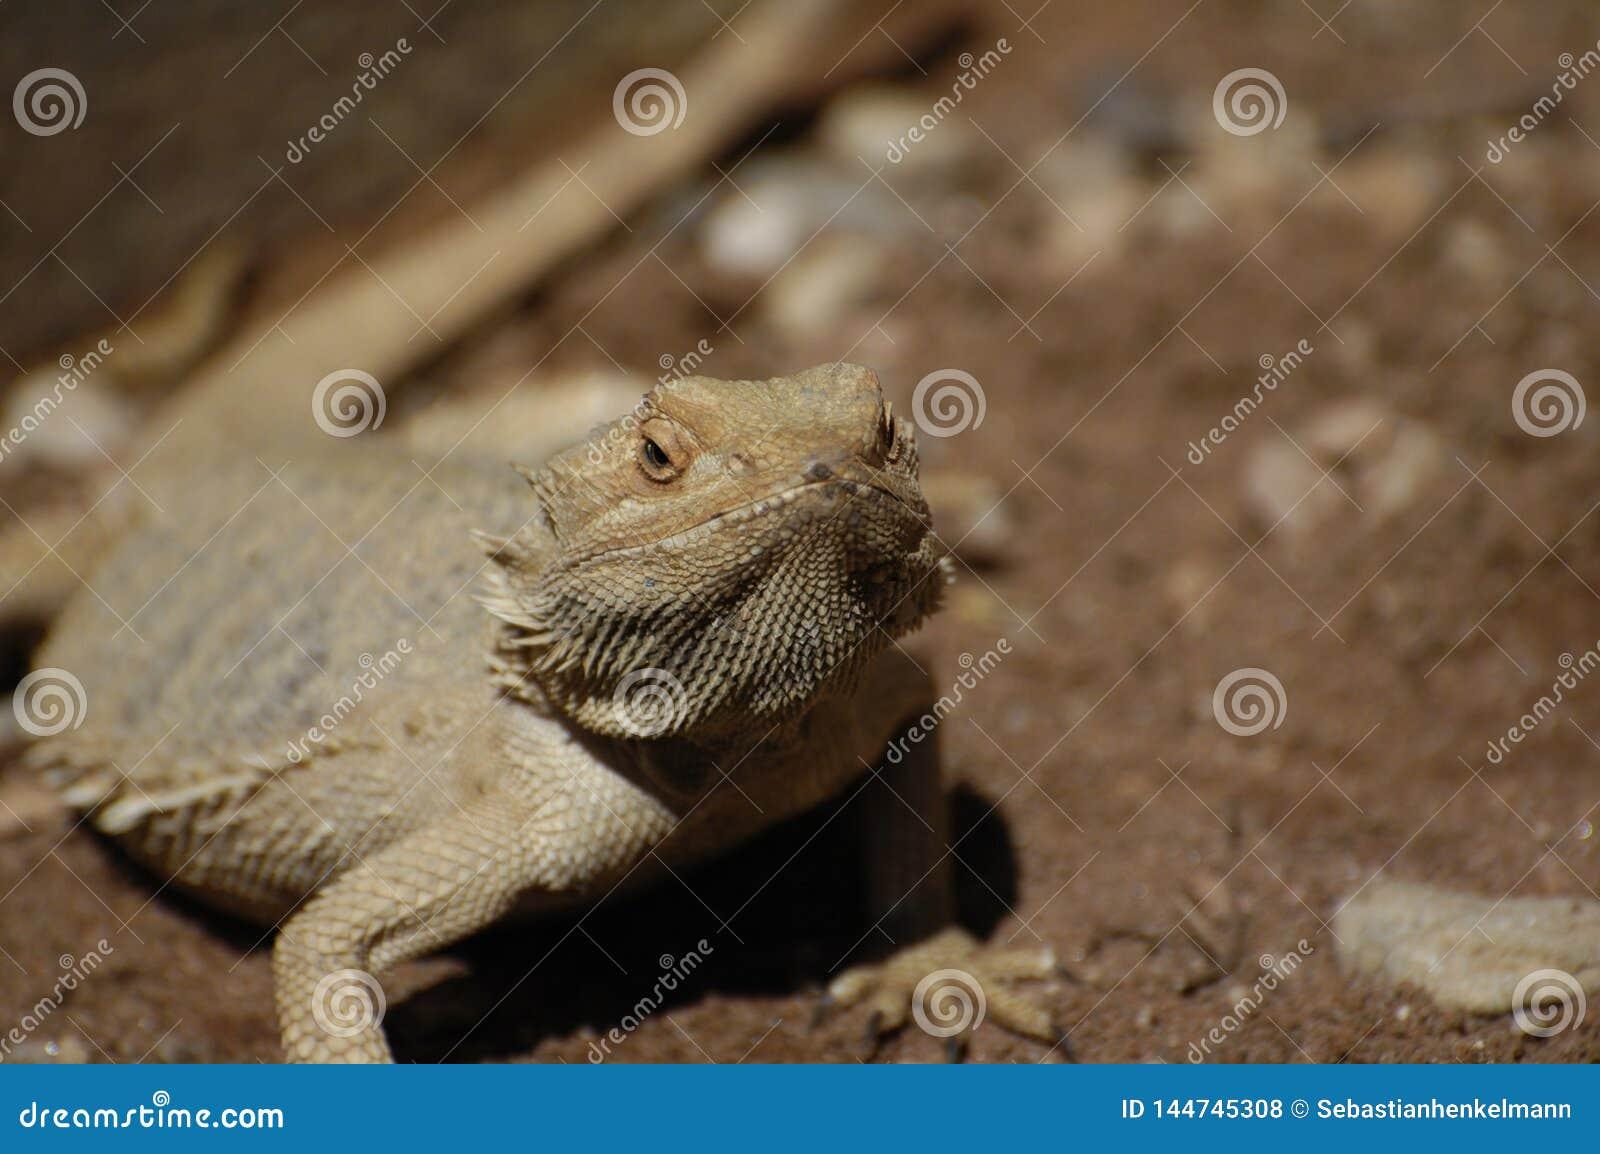 Reptile in the sun